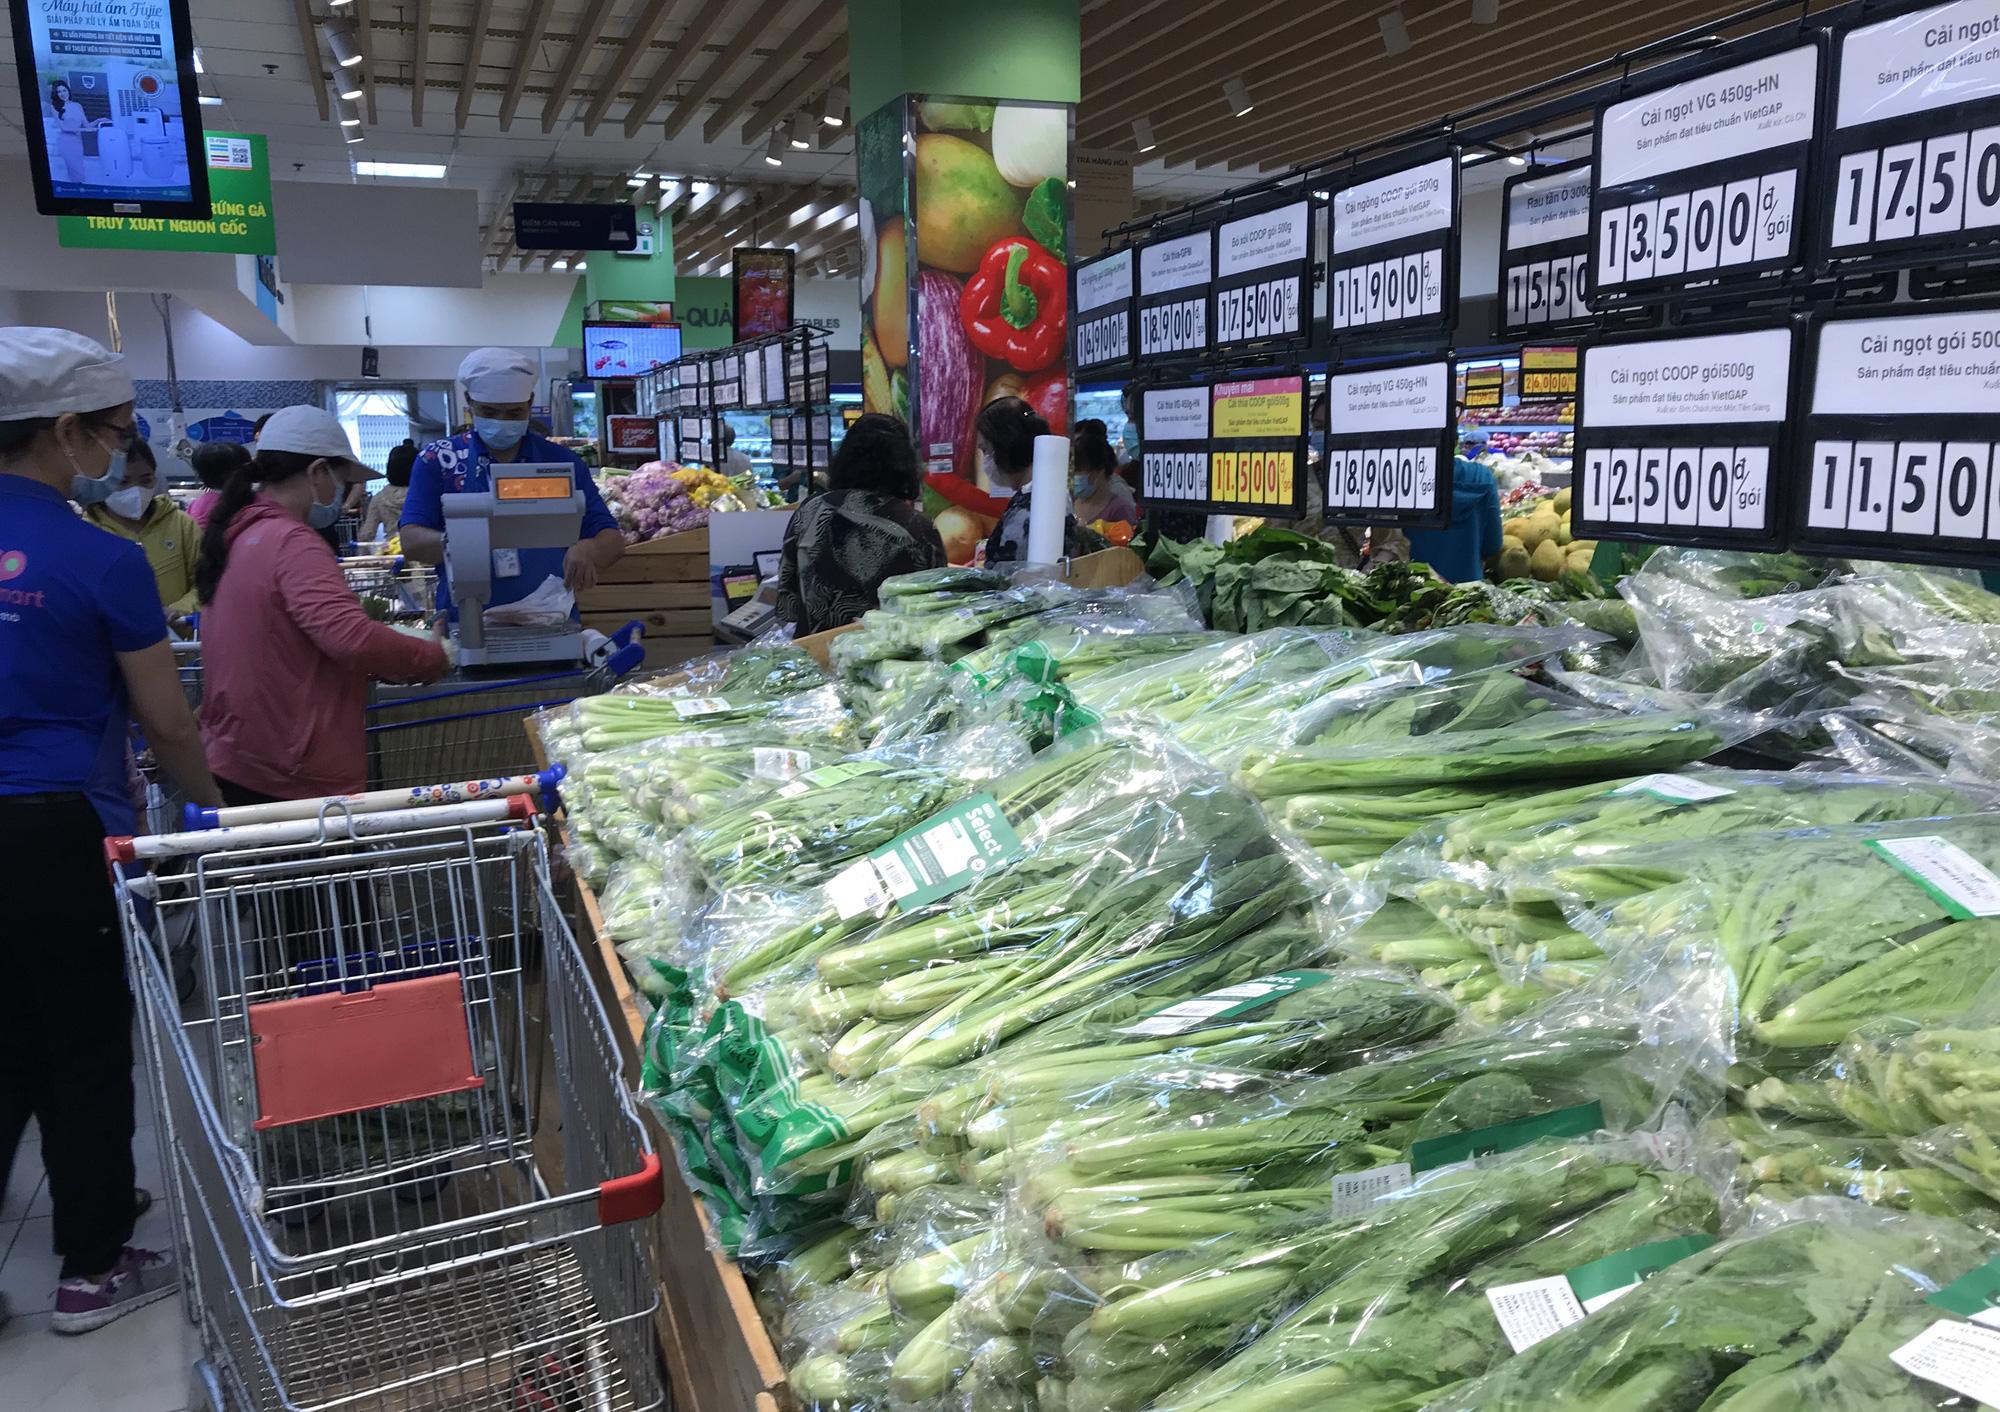 Phó Thủ tướng: Không nên chen lấn trong siêu thị mua hàng hoá lúc này, Big C tuyên bố đủ hàng hóa cho mọi người dân - Ảnh 2.